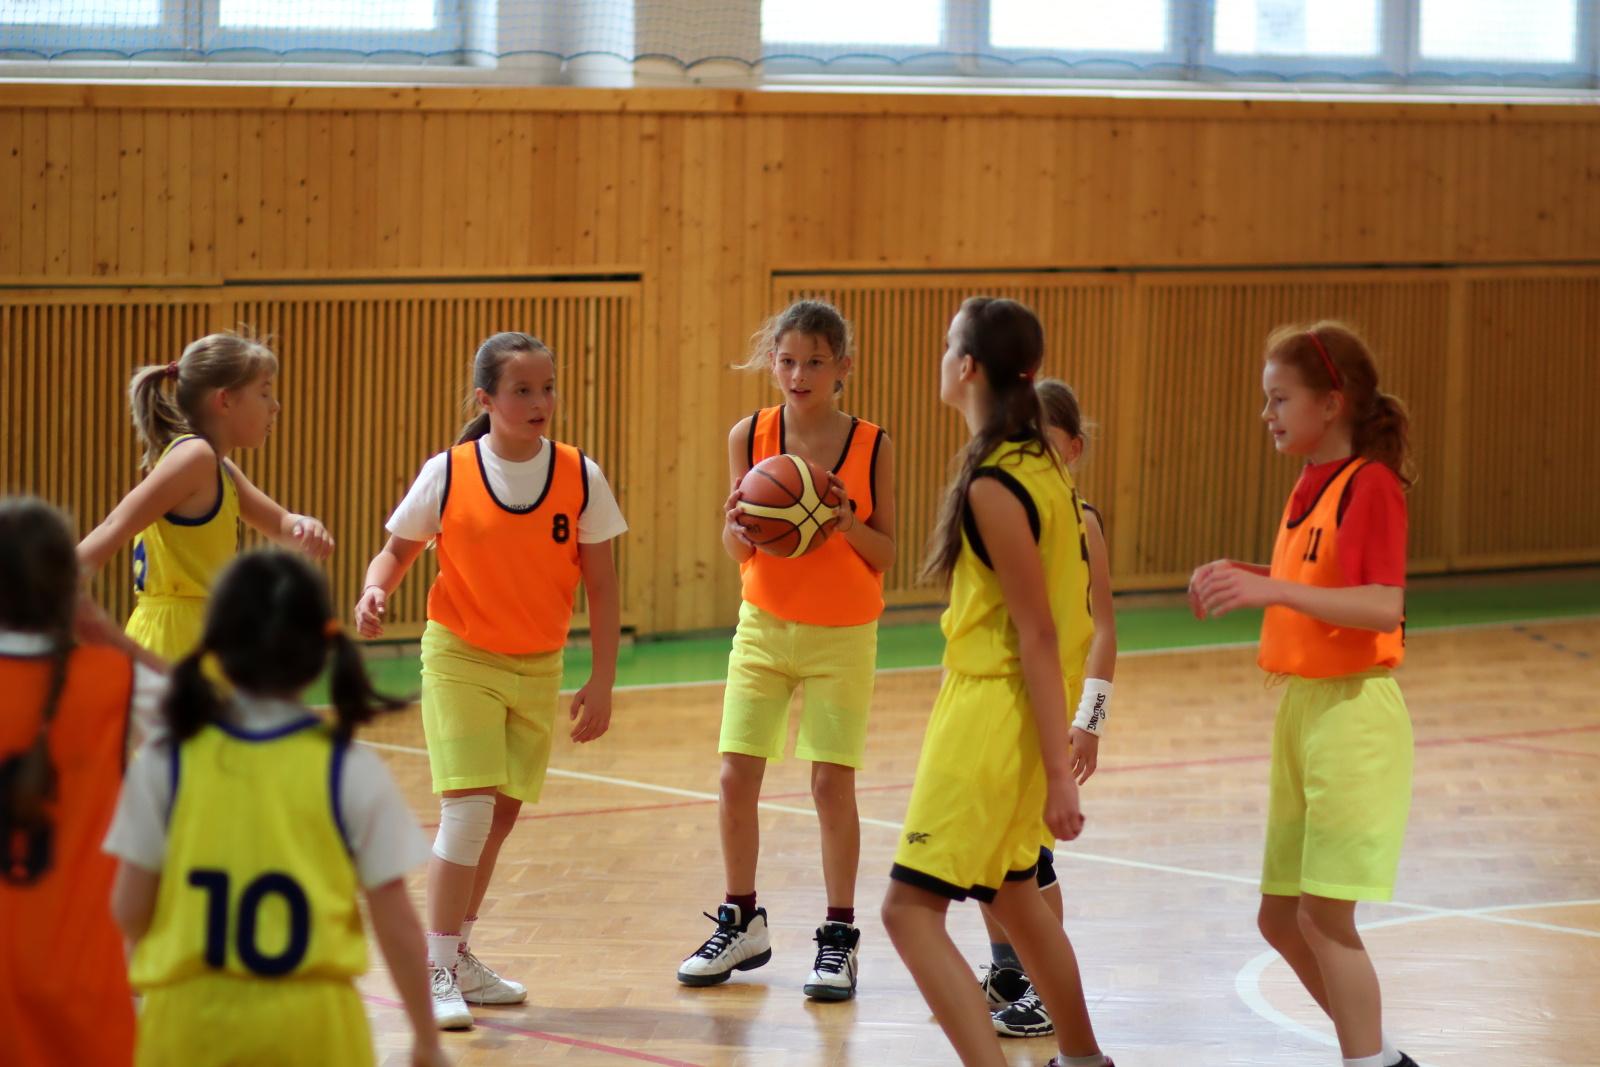 zvolen-banska-bystrica-basketbal-mini-ziacky-10